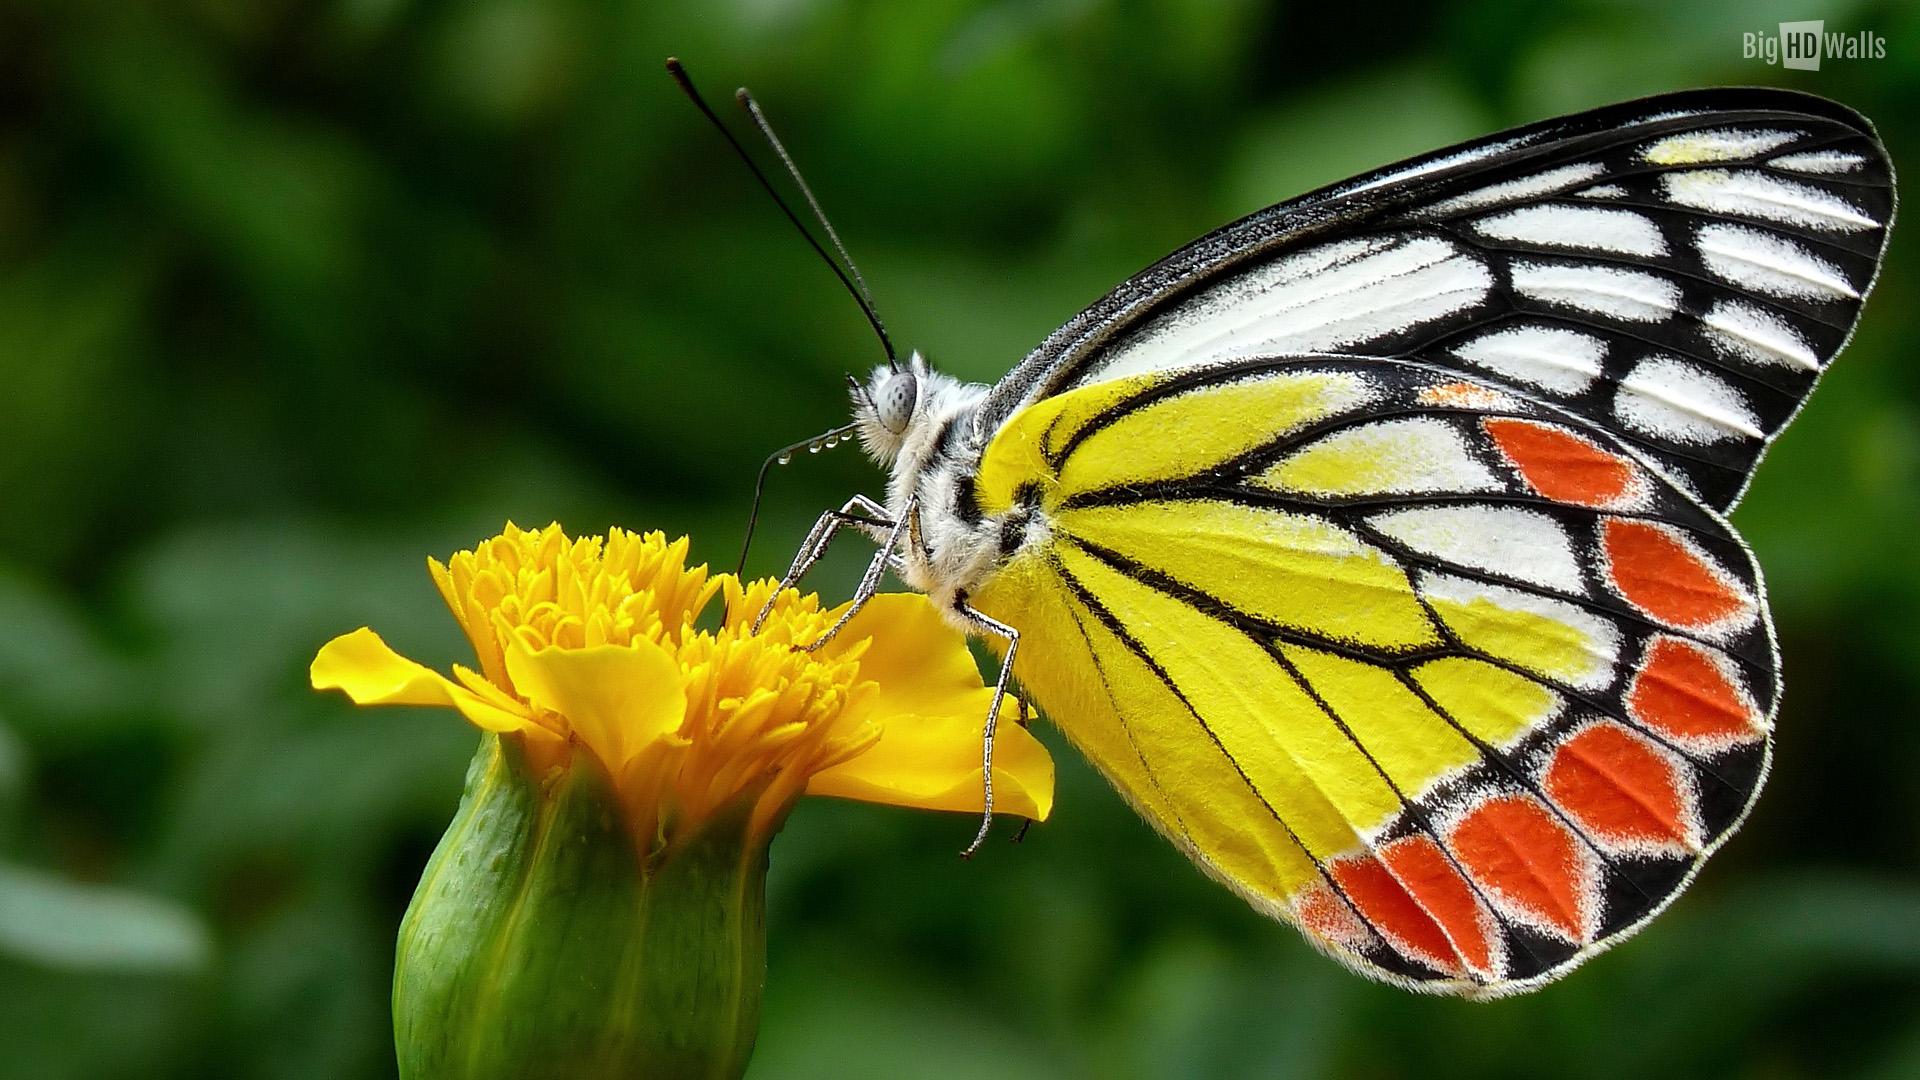 Colorful Butterfly Hd Wallpaper 6 Hd Wallpaper 1920x1080